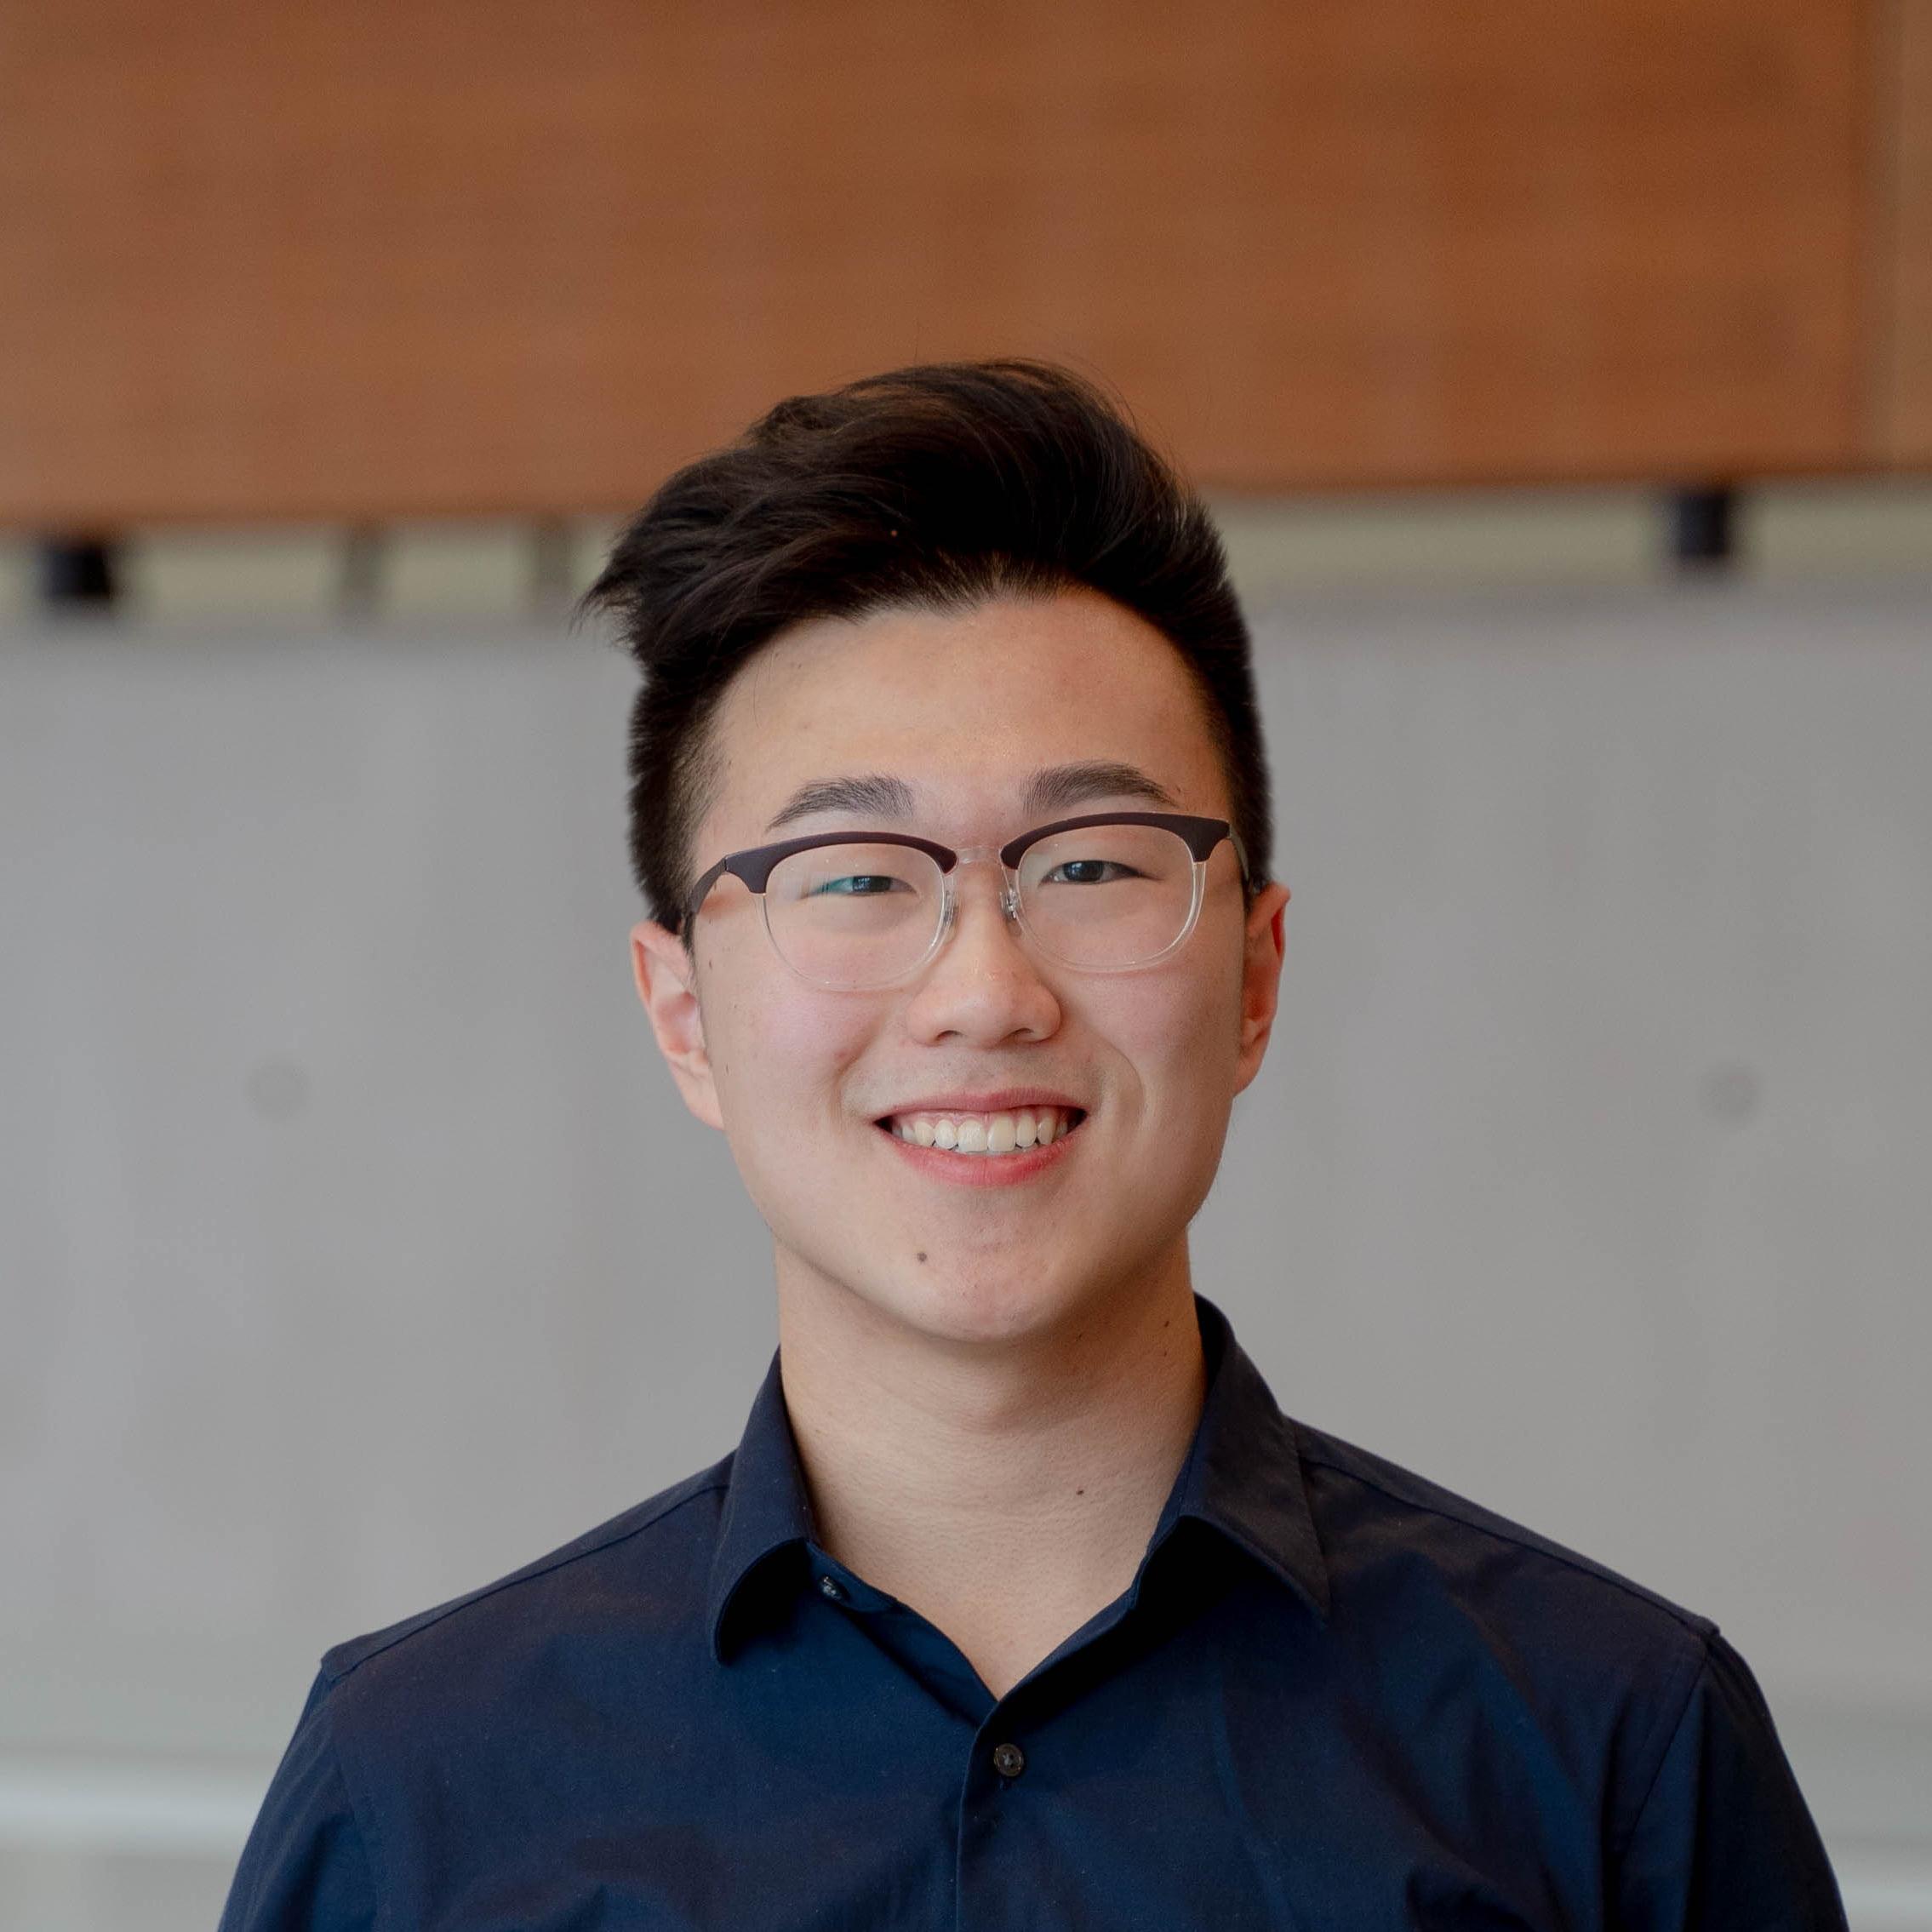 Justin Zhang headshot